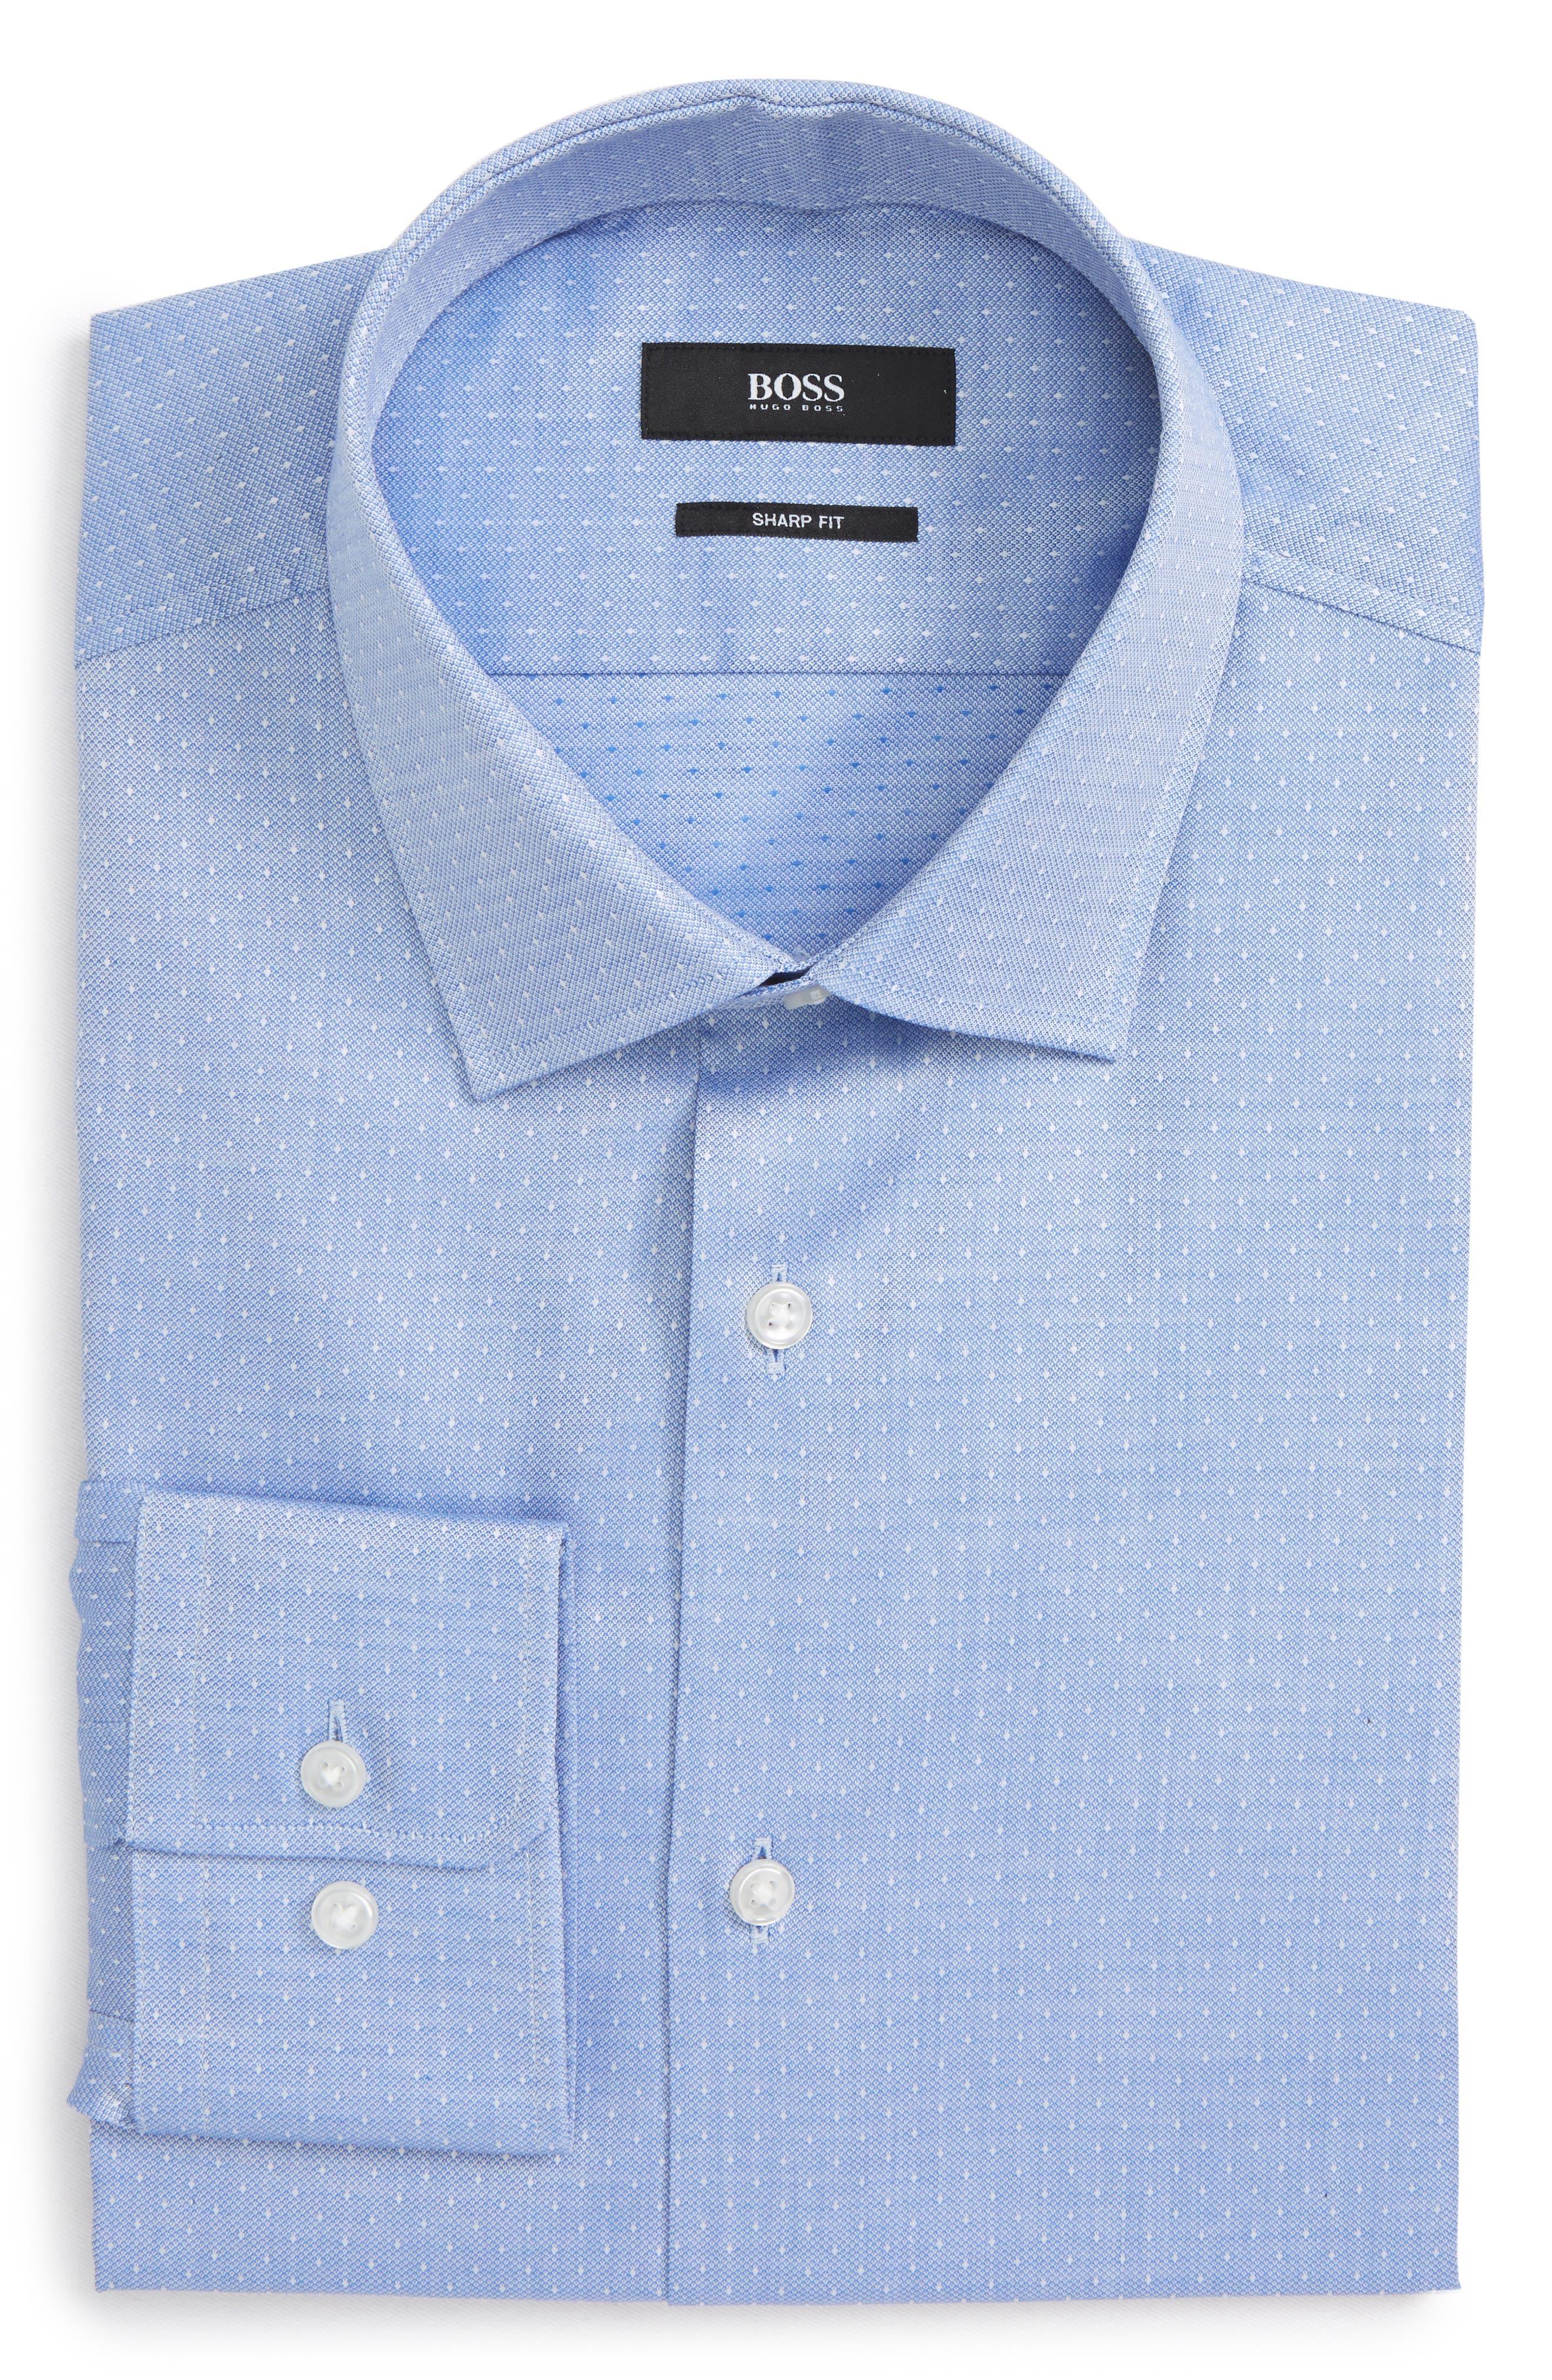 BOSS Mark Sharp Fit Dress Shirt